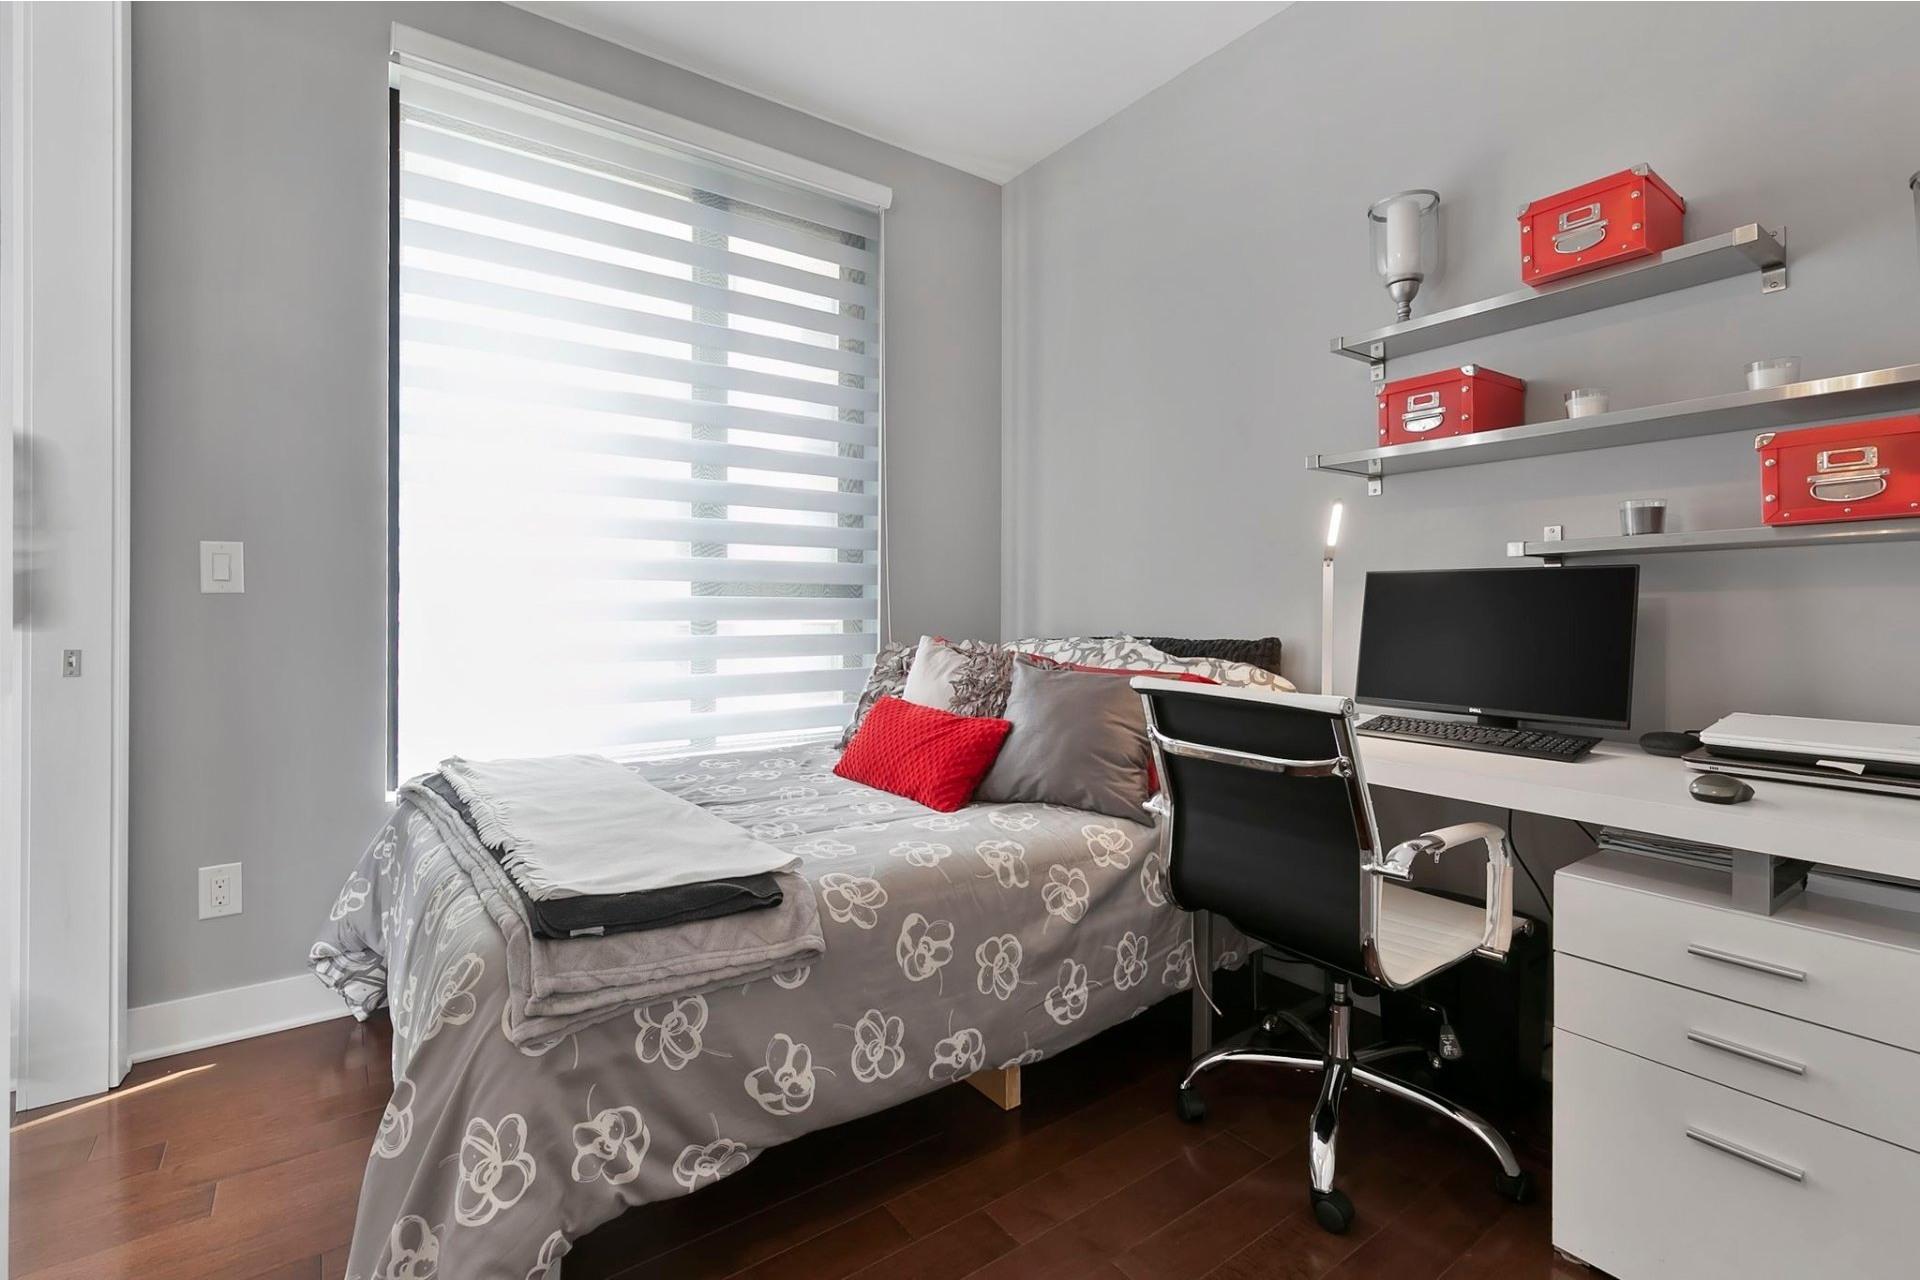 image 4 - Apartment For sale Côte-des-Neiges/Notre-Dame-de-Grâce Montréal  - 8 rooms